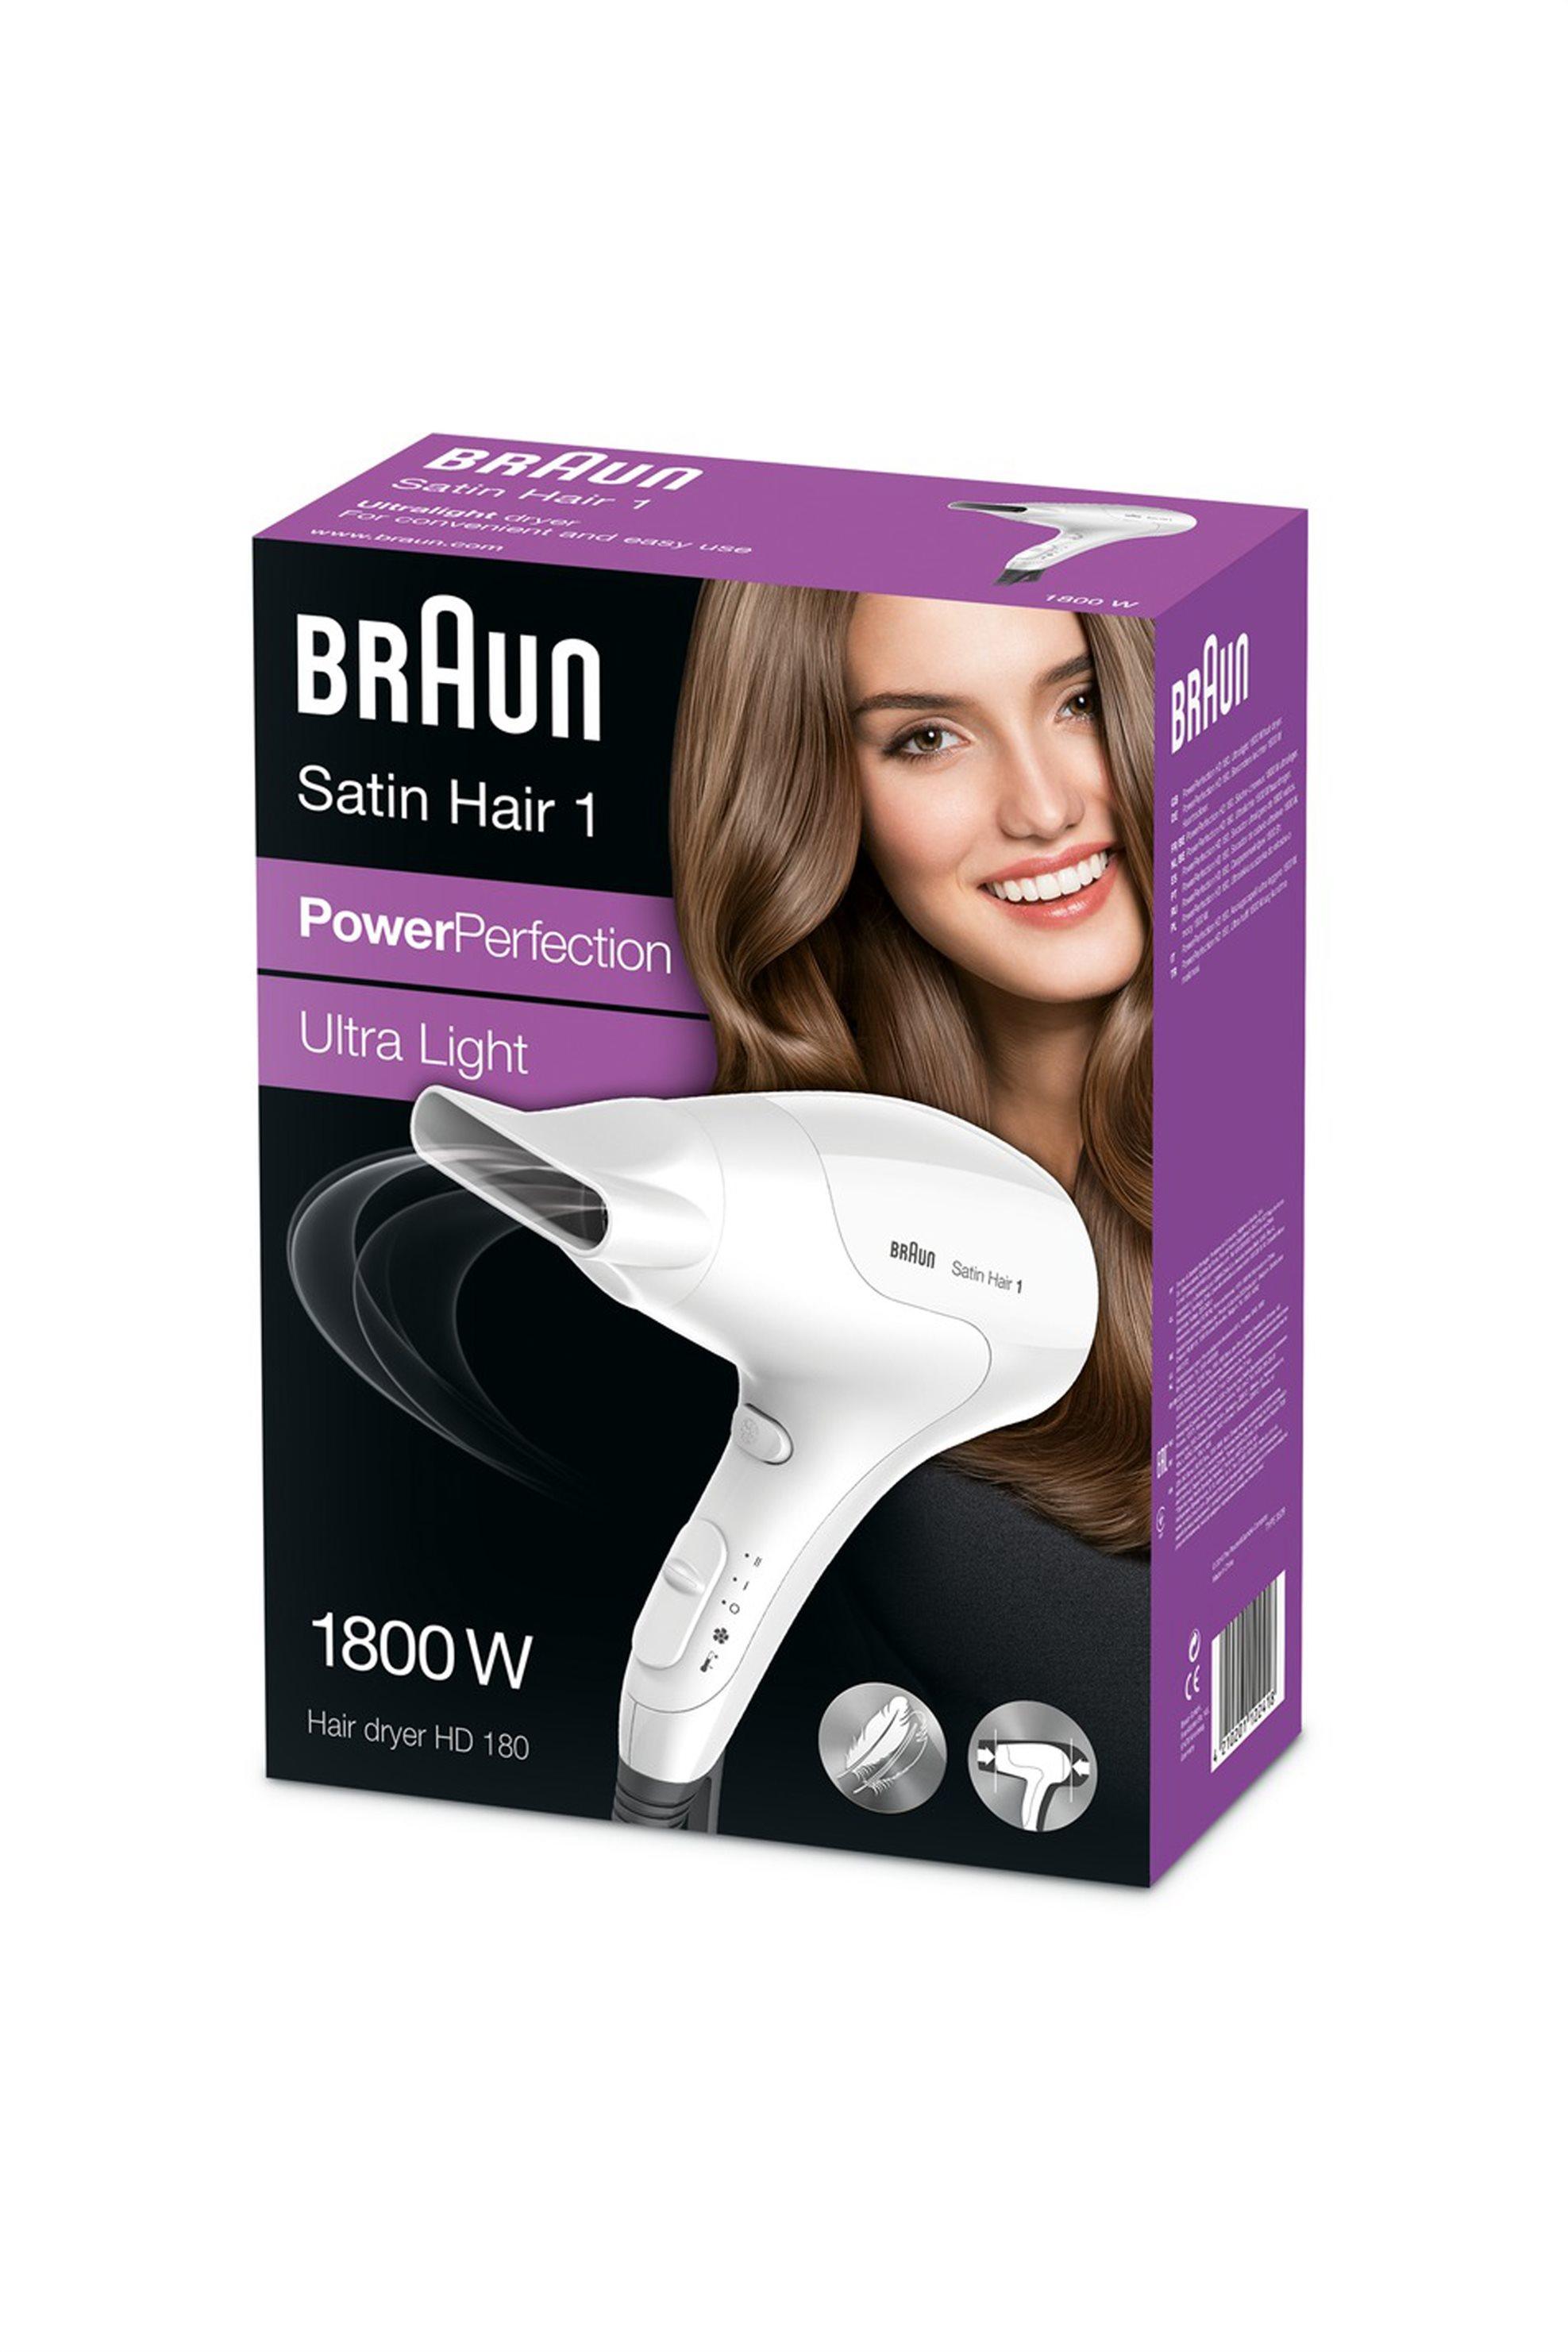 Σεσουάρ Μαλλιών 1800W HD180 Braun - HD180 home   συσκευεσ περιποιησησ   πιστολάκια μαλλιών